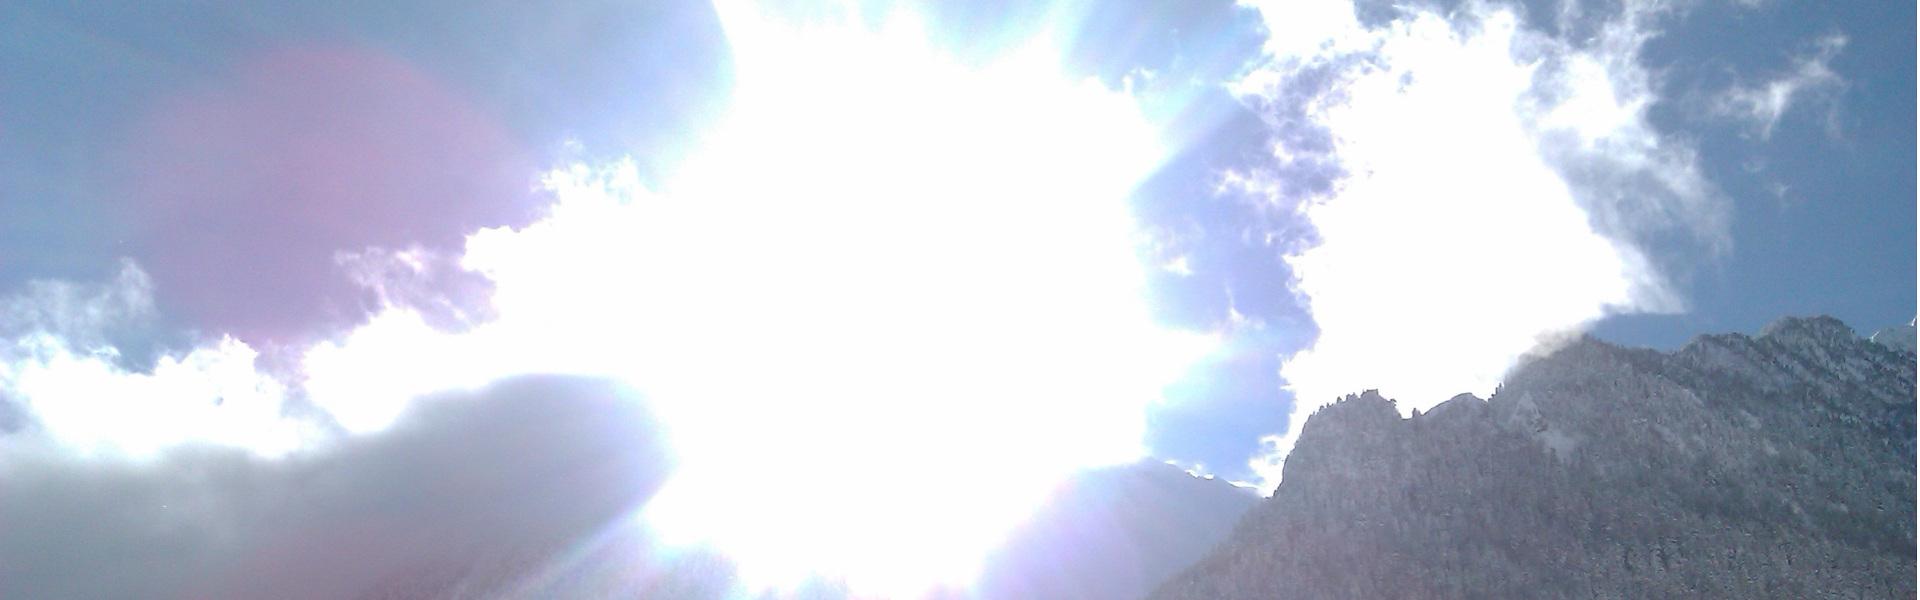 illuminez et énergétisez votre vie !